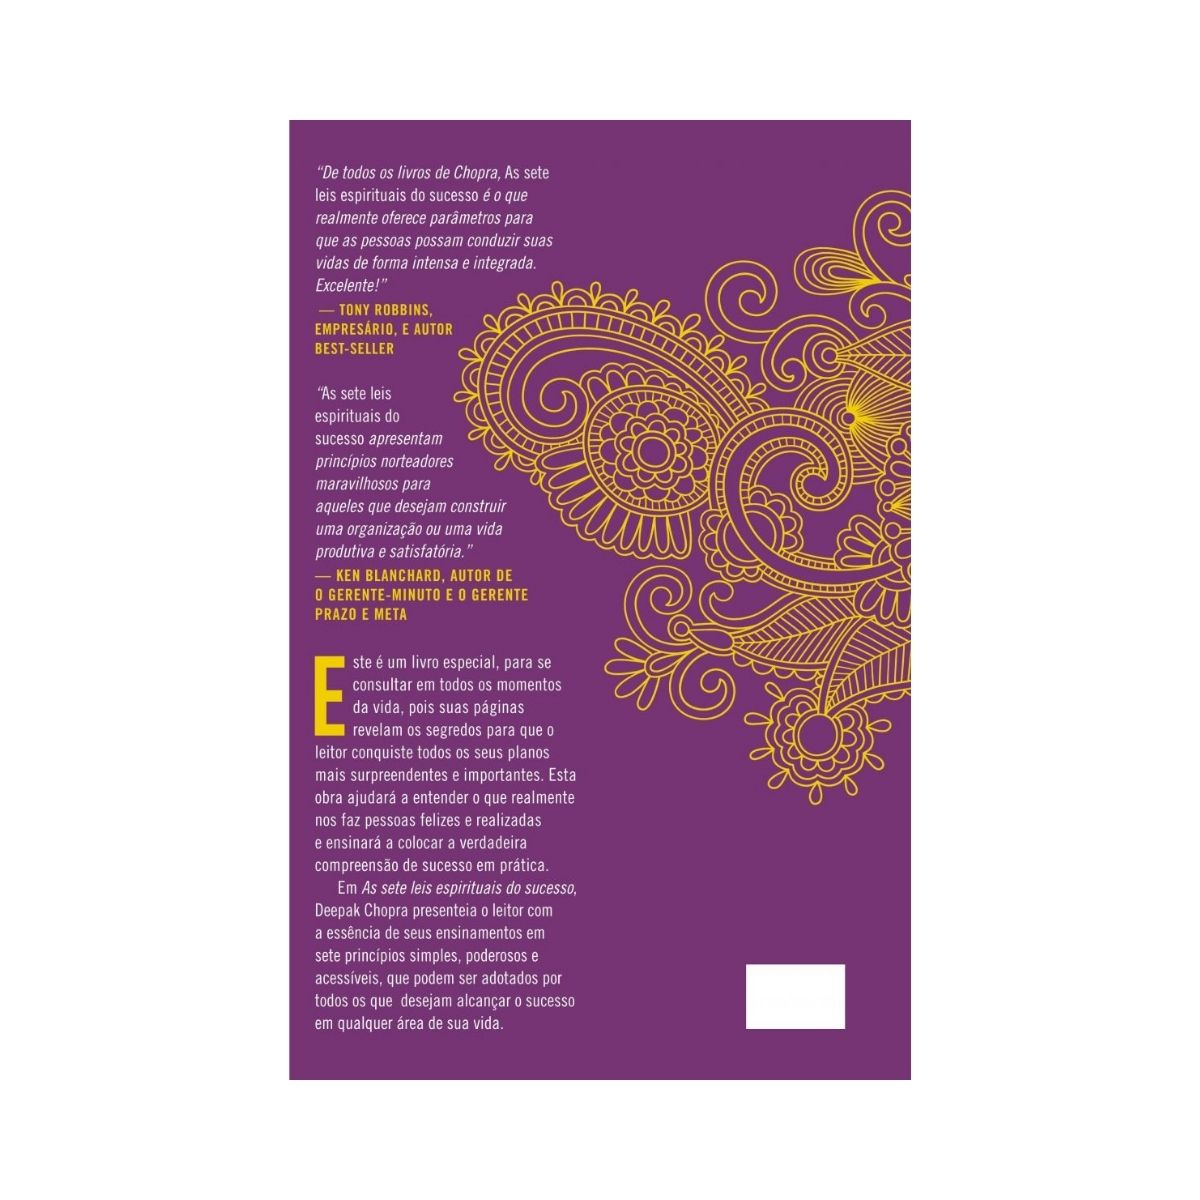 As Sete Leis Espirituais do Sucesso - Um Guia Prático para Realização de Seus Sonhos - Deepak Chopra